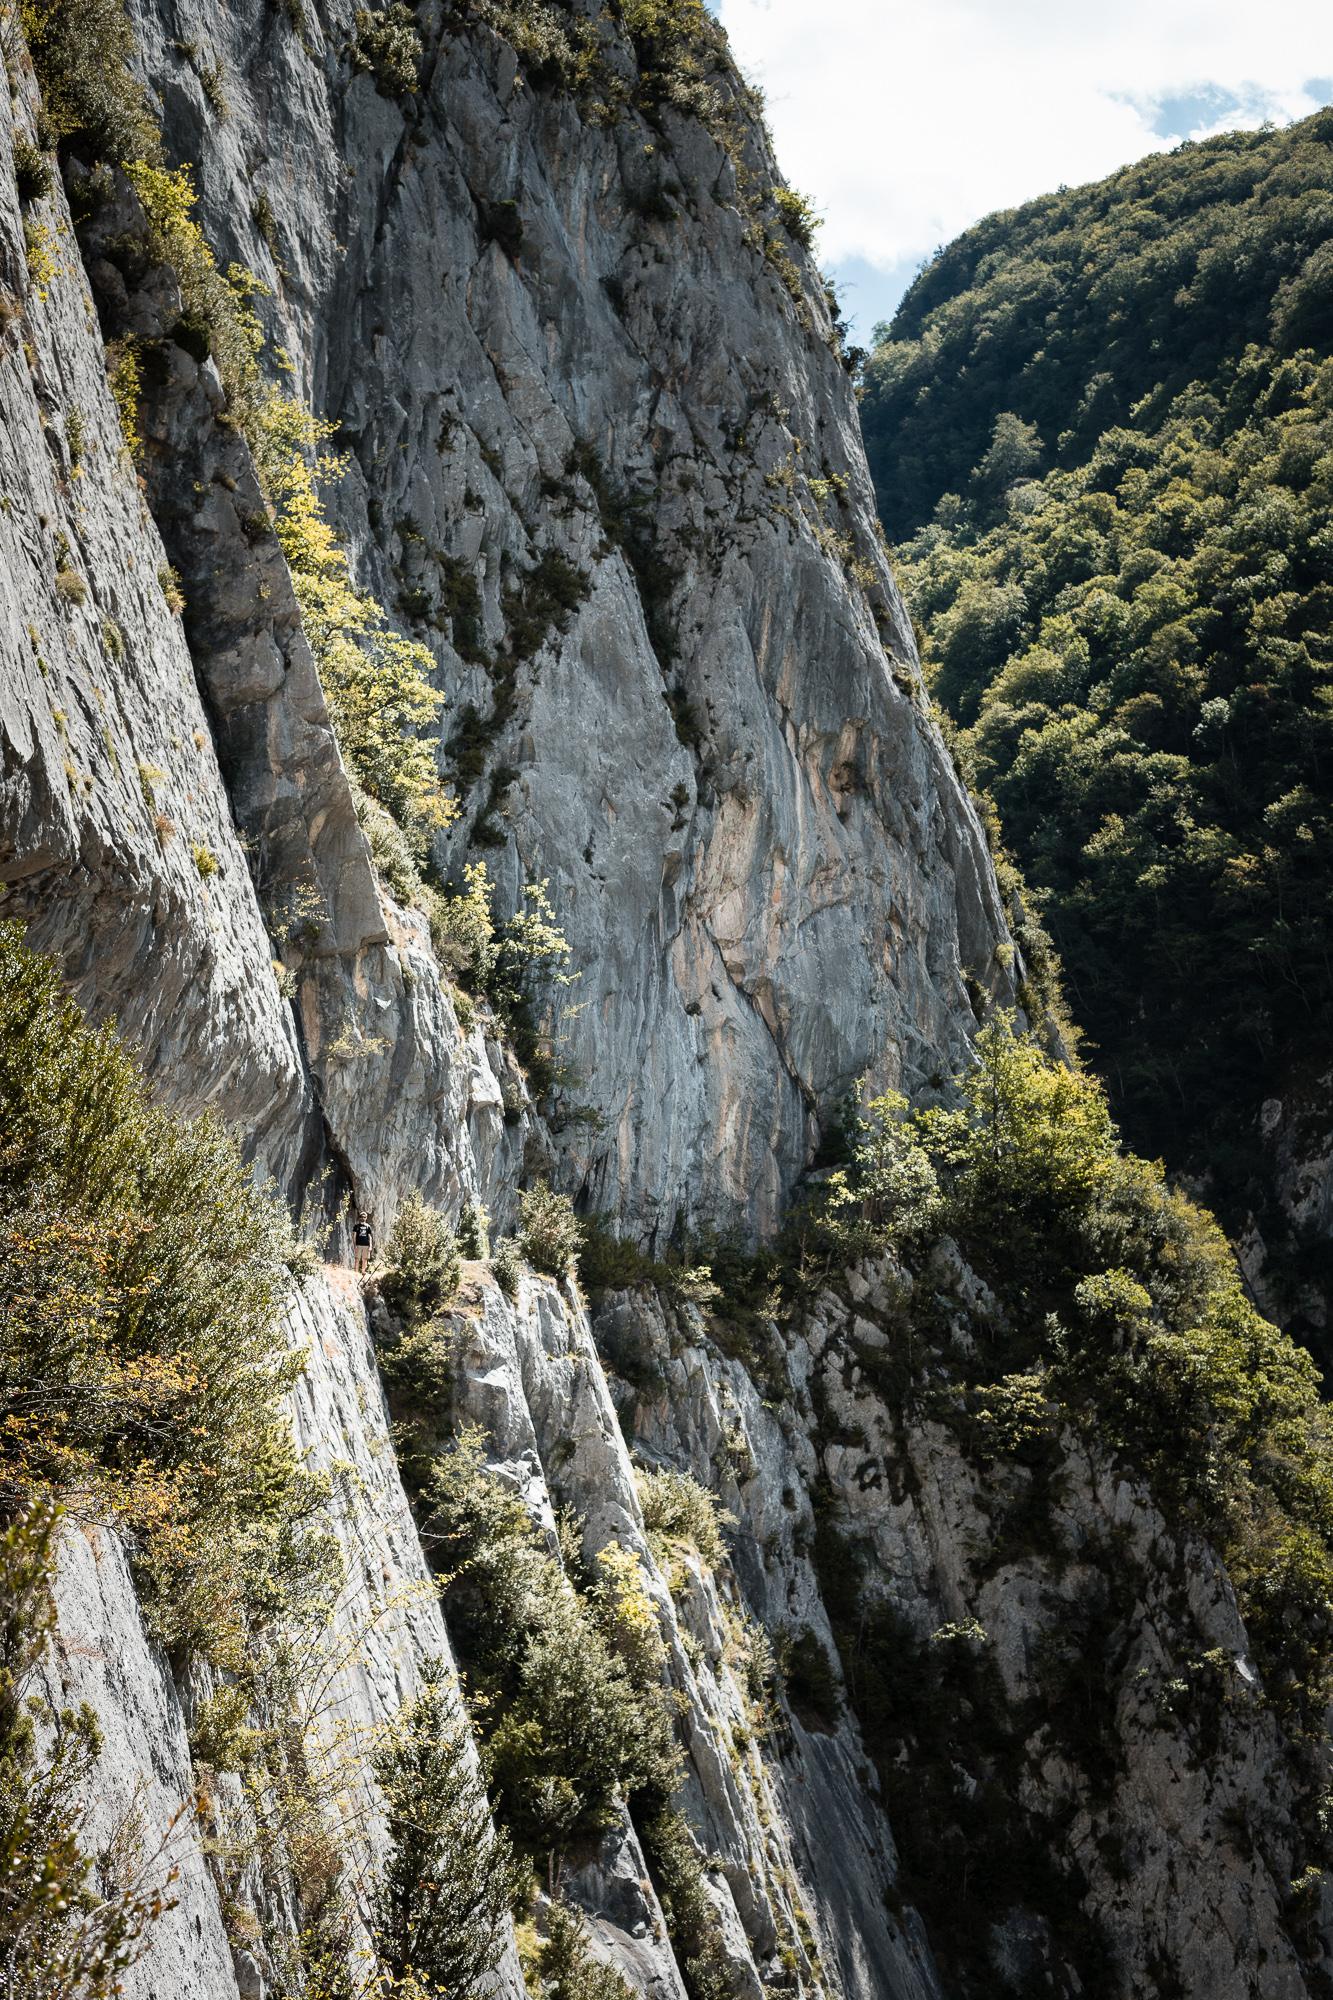 A flanc de roche sur le chemin de la Mâture